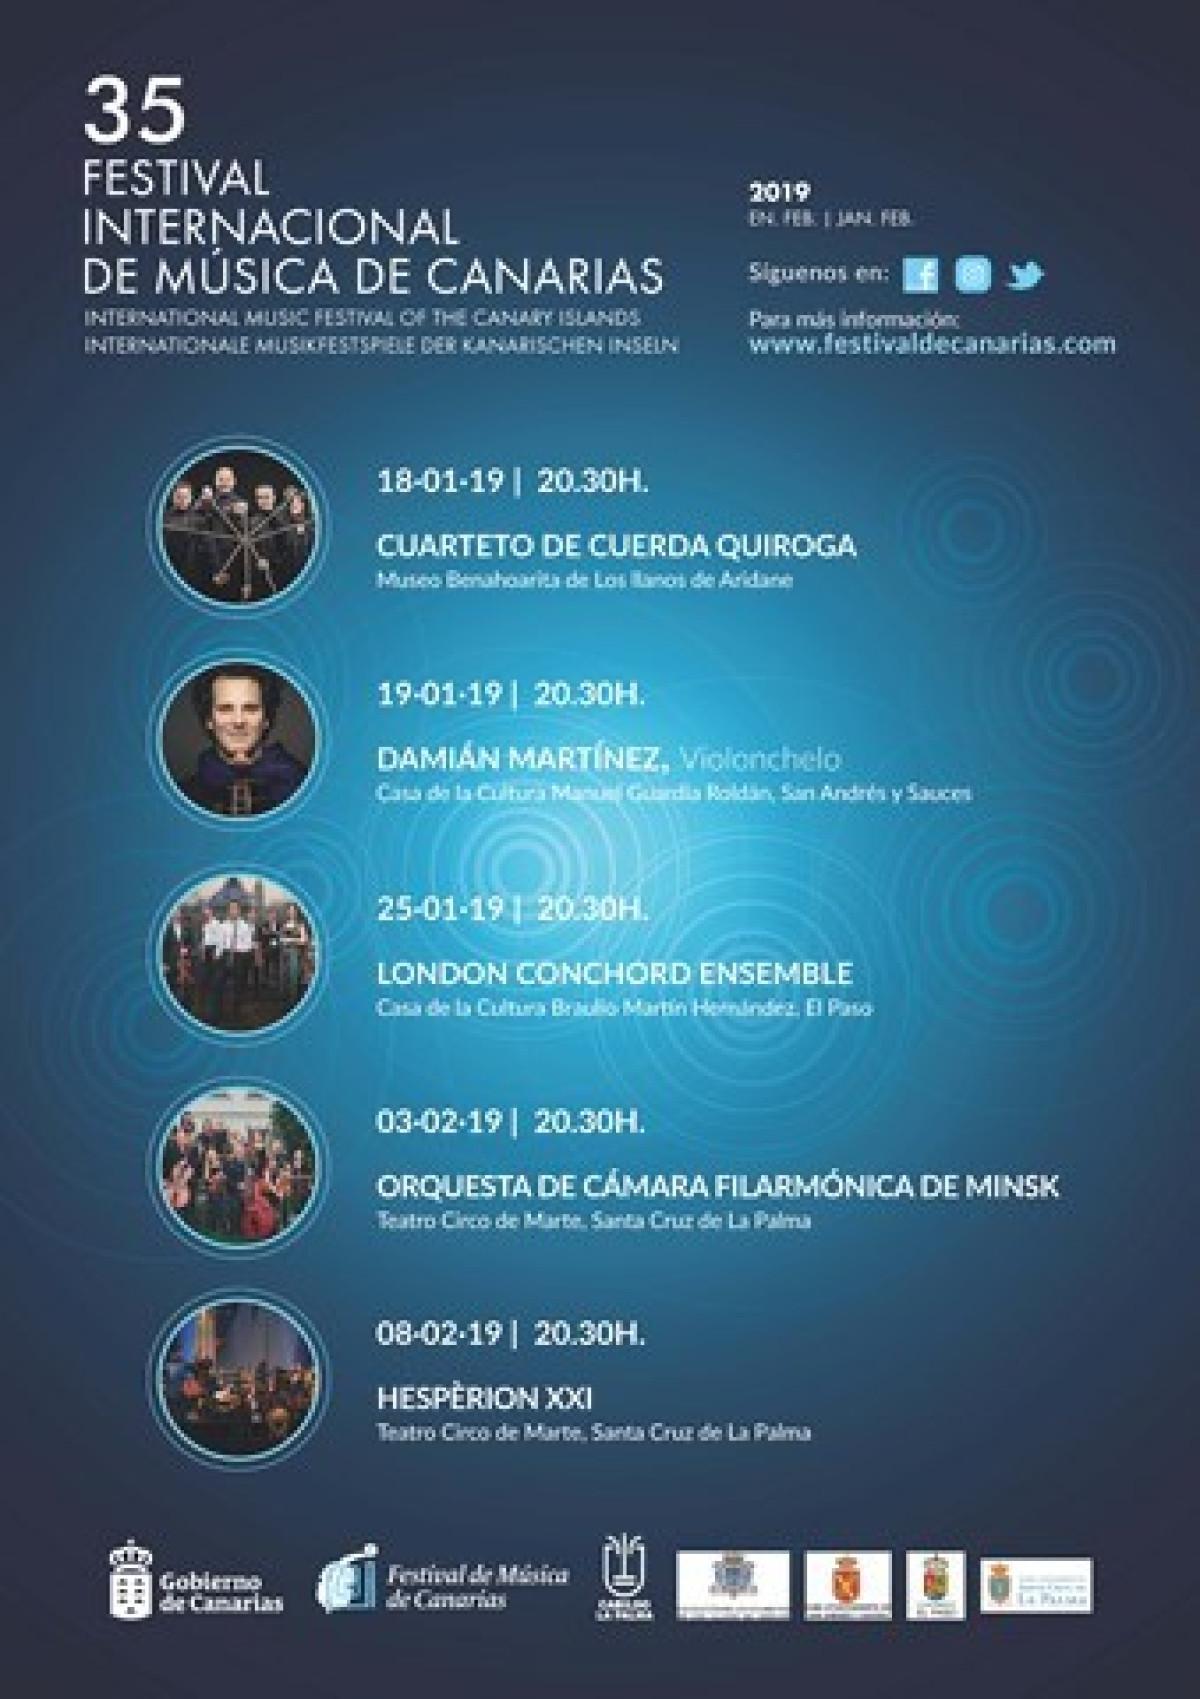 35 festival de musica